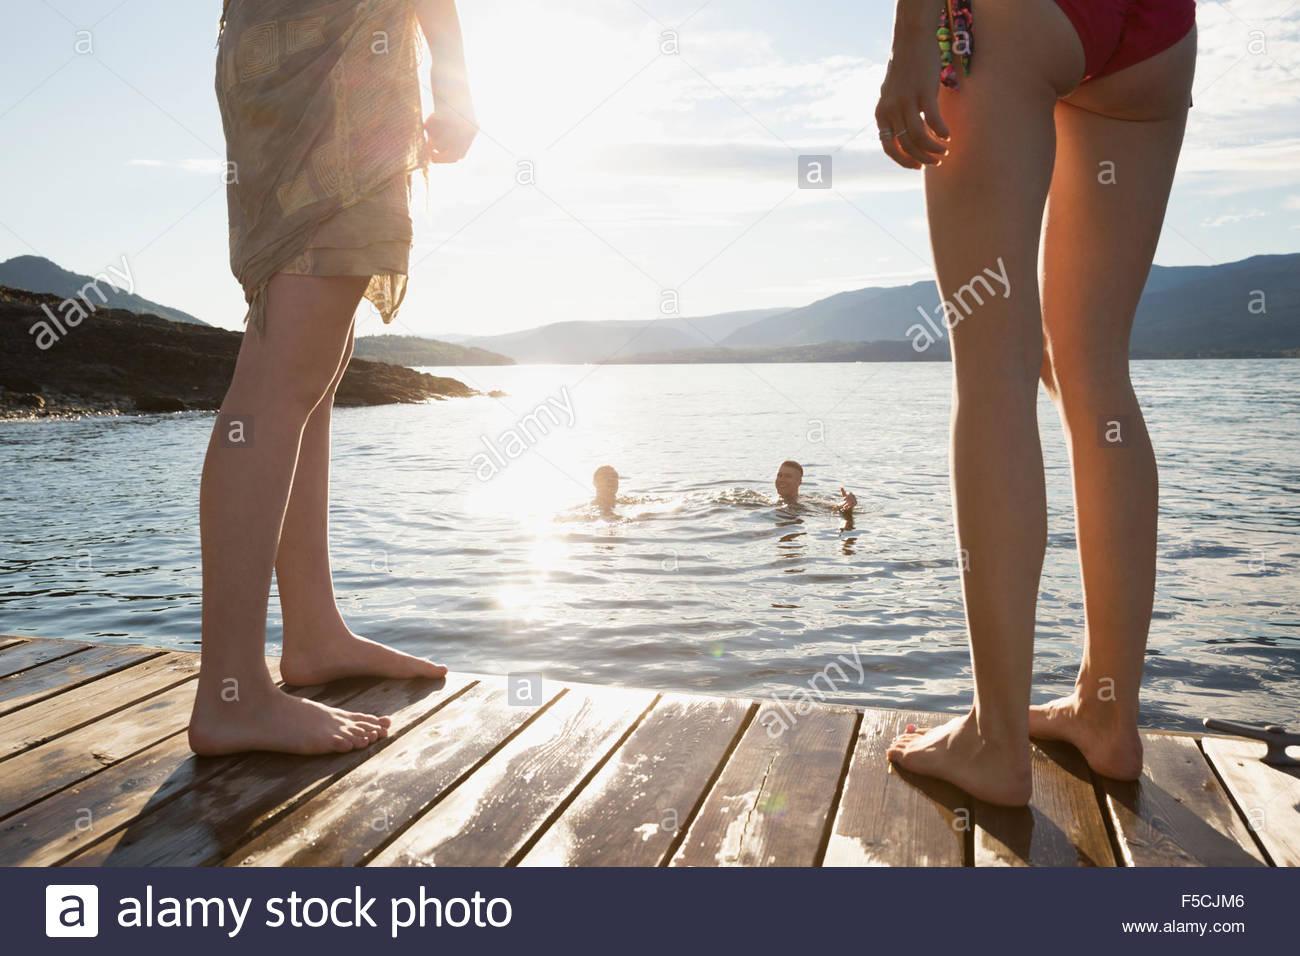 Las mujeres en el muelle viendo hombres nadar en el lago Imagen De Stock